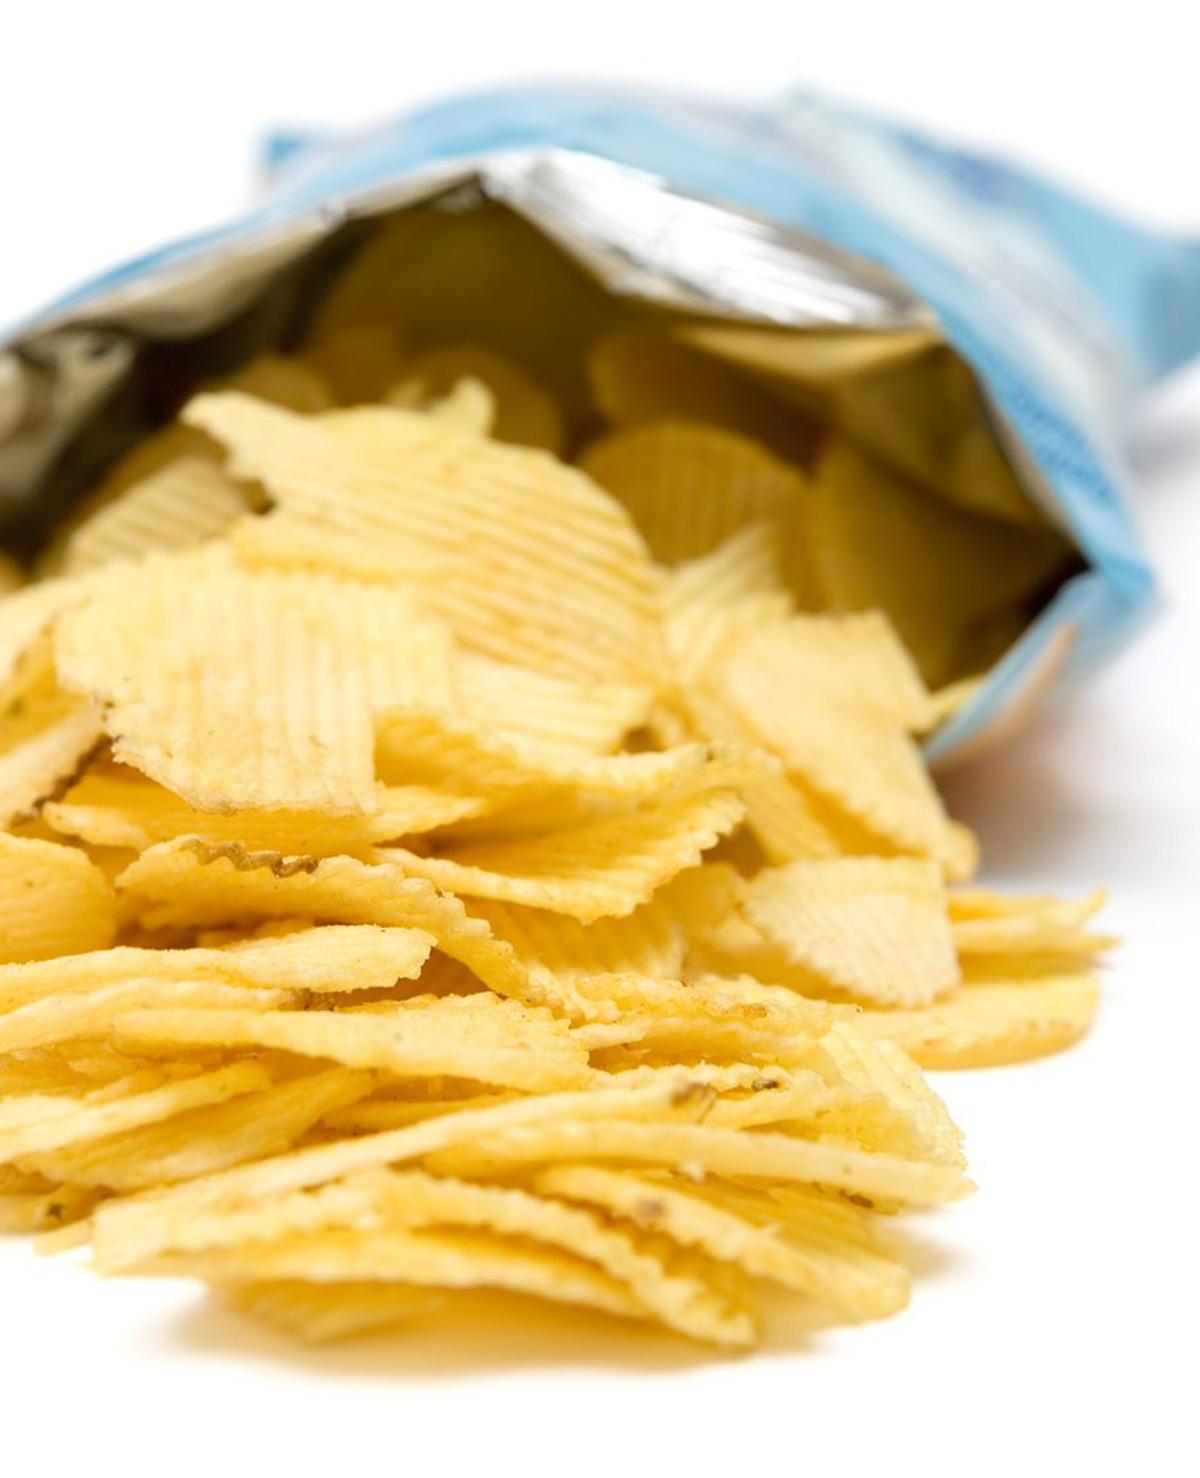 Dit is waarom een zakje chips maar voor de helft gevuld is